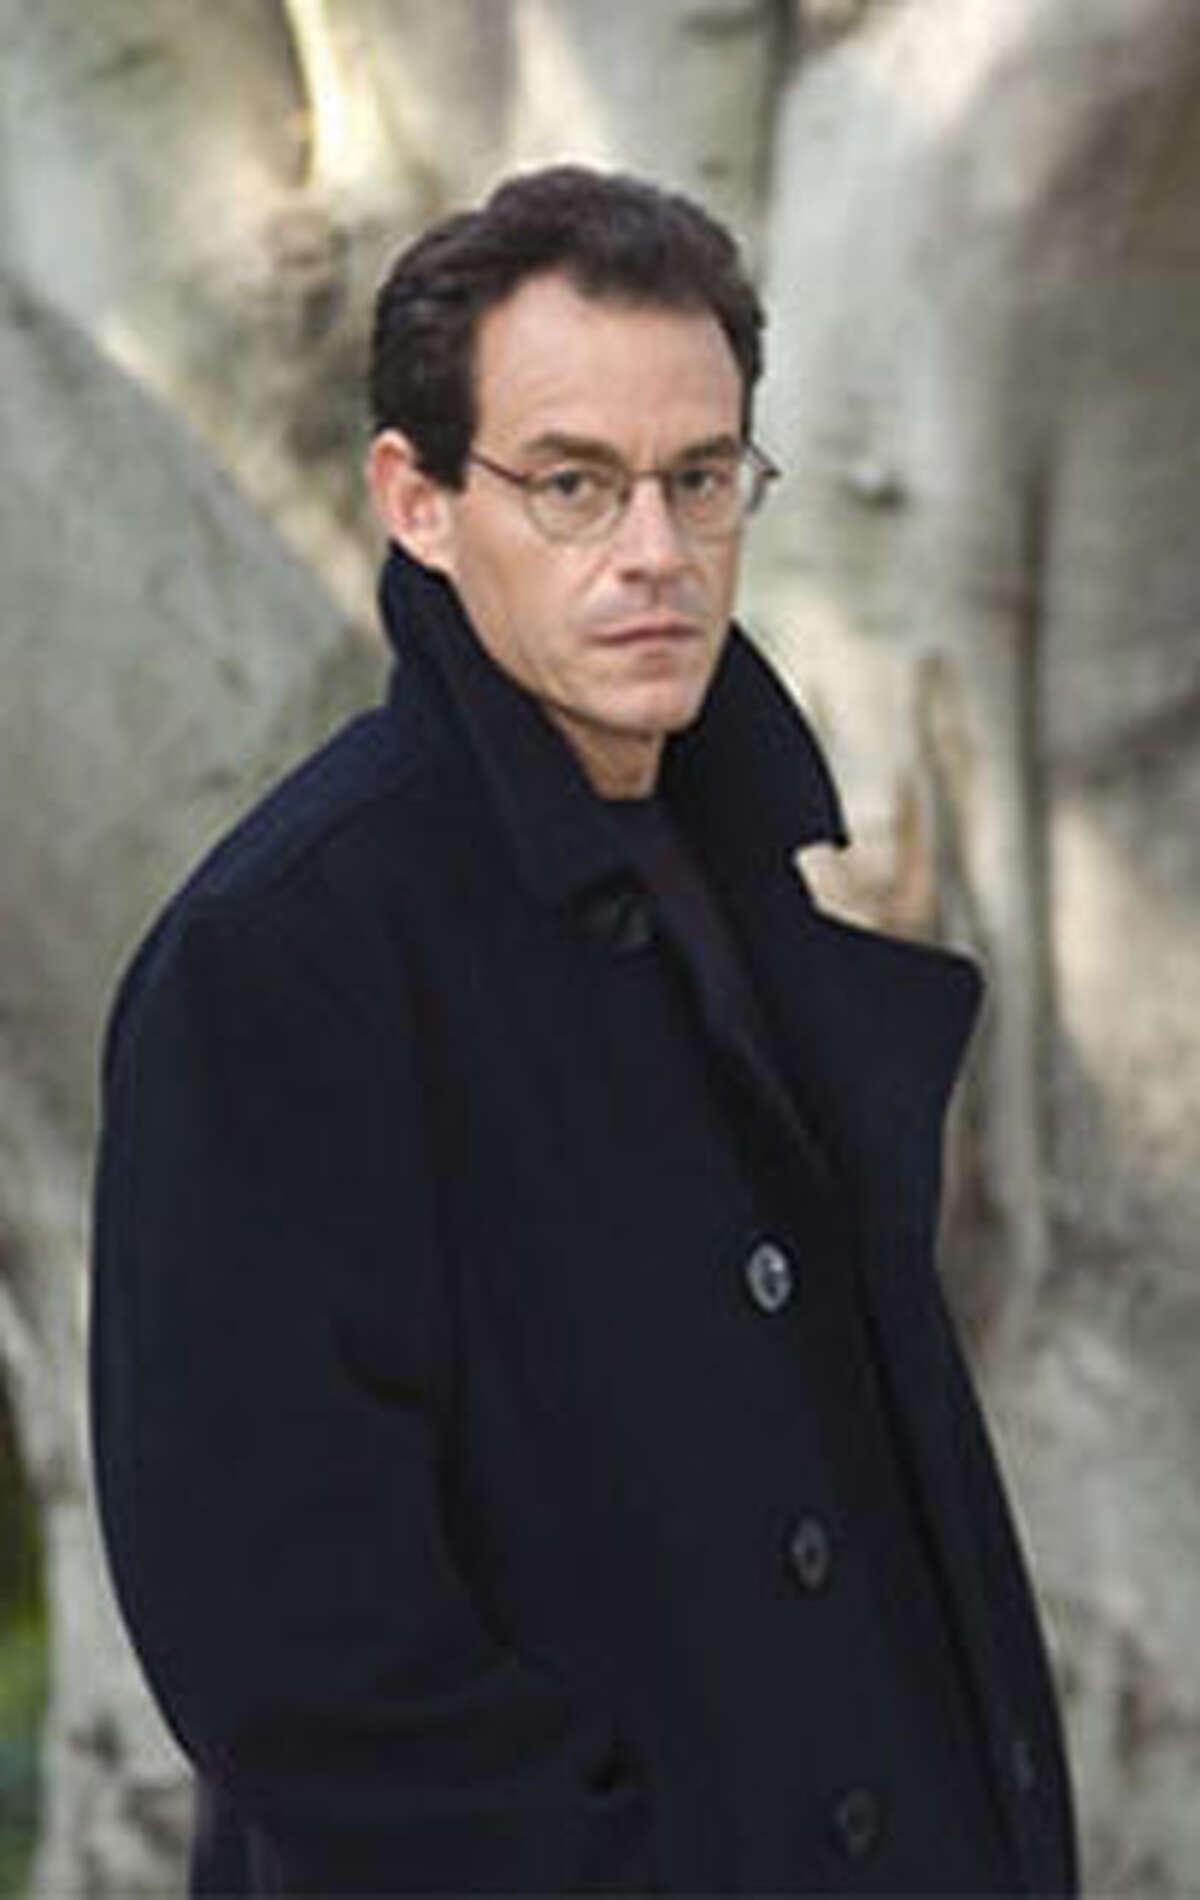 Daniel Silva, author of